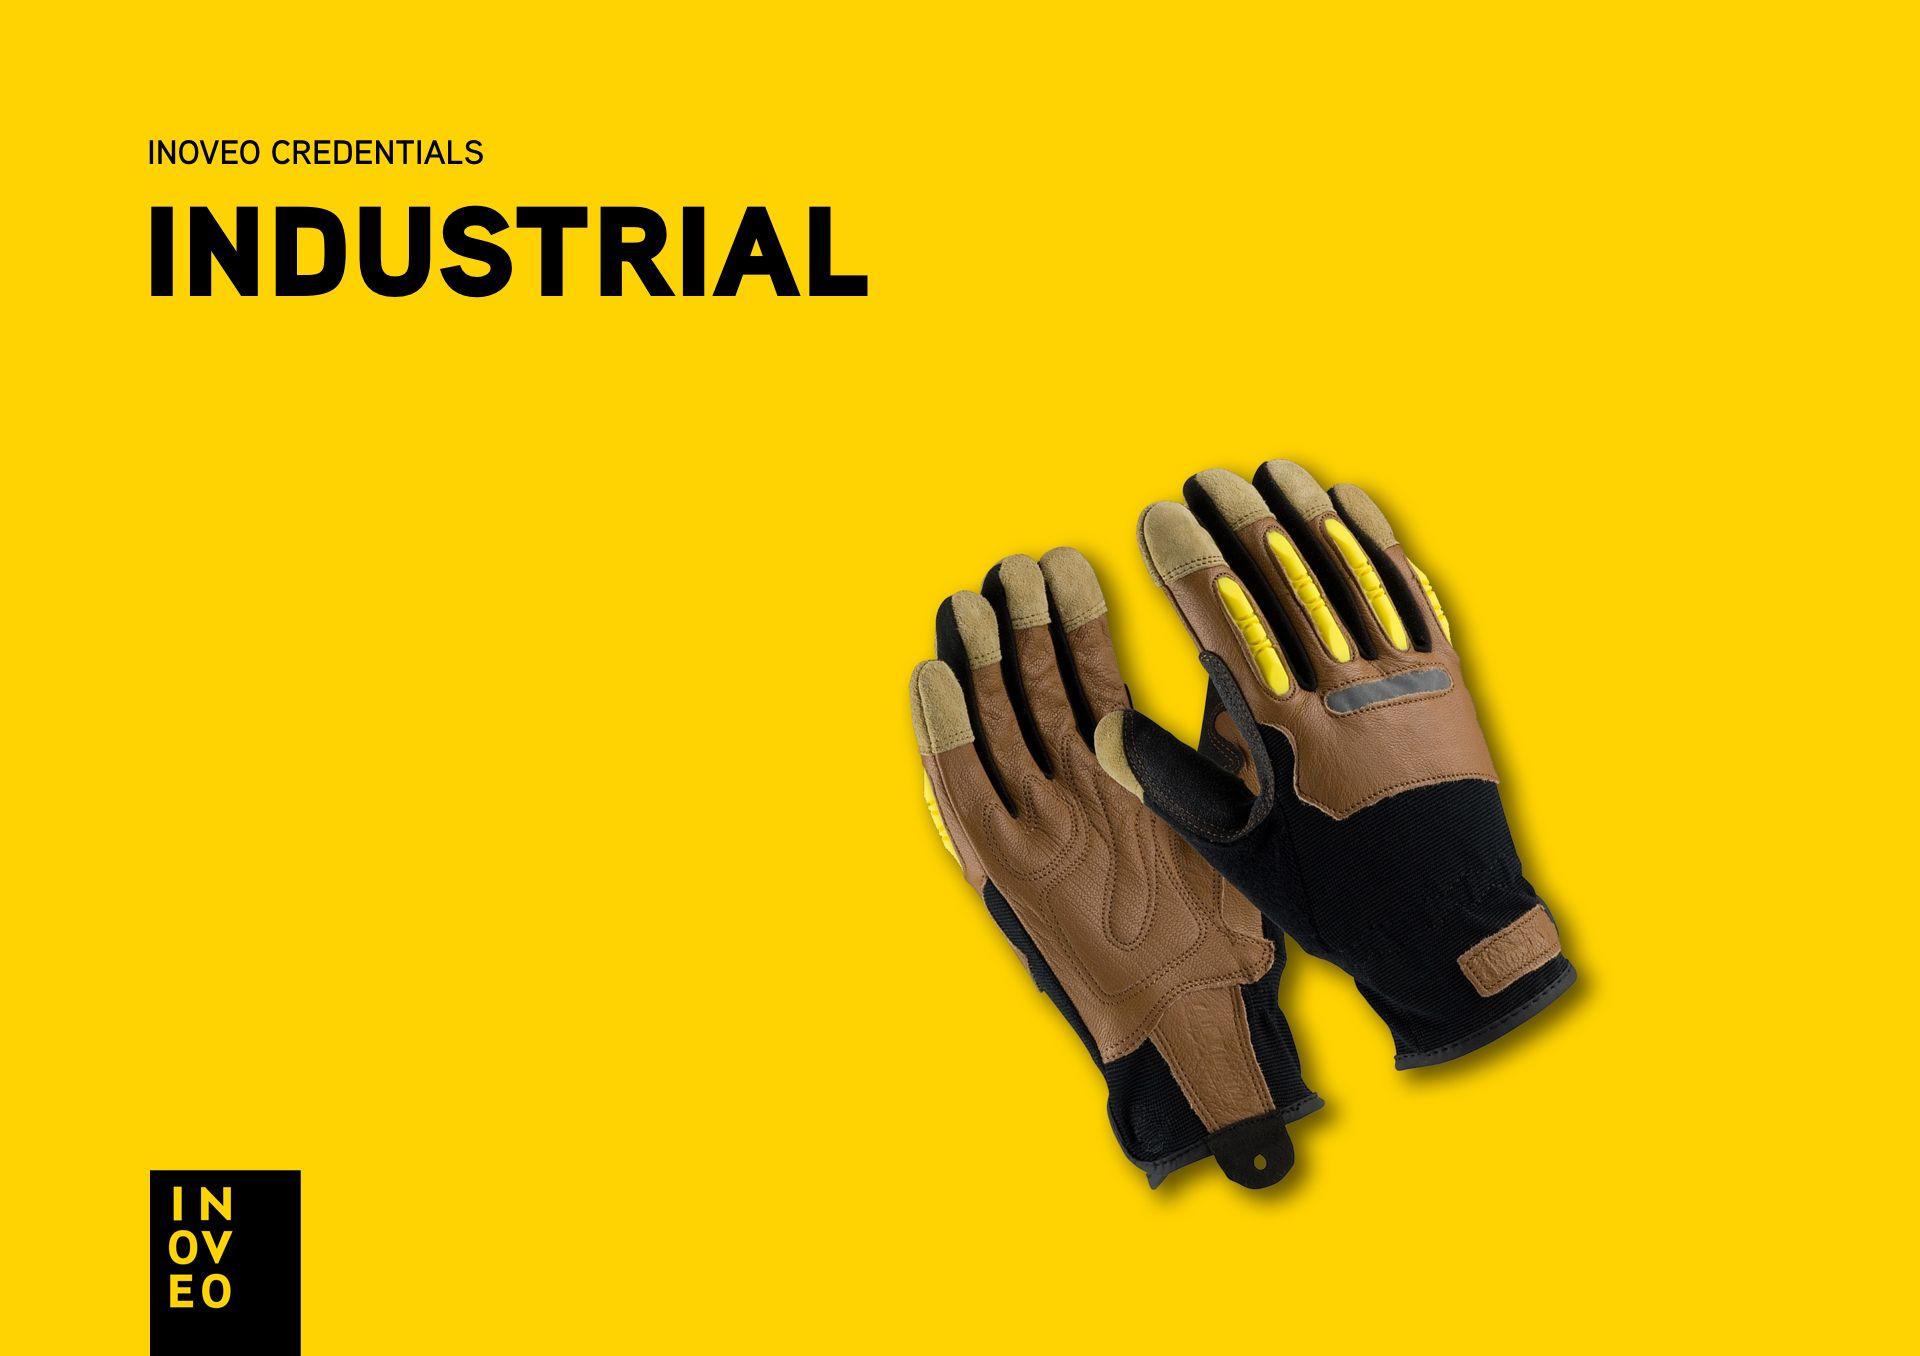 industrial credentials INOVEO branding